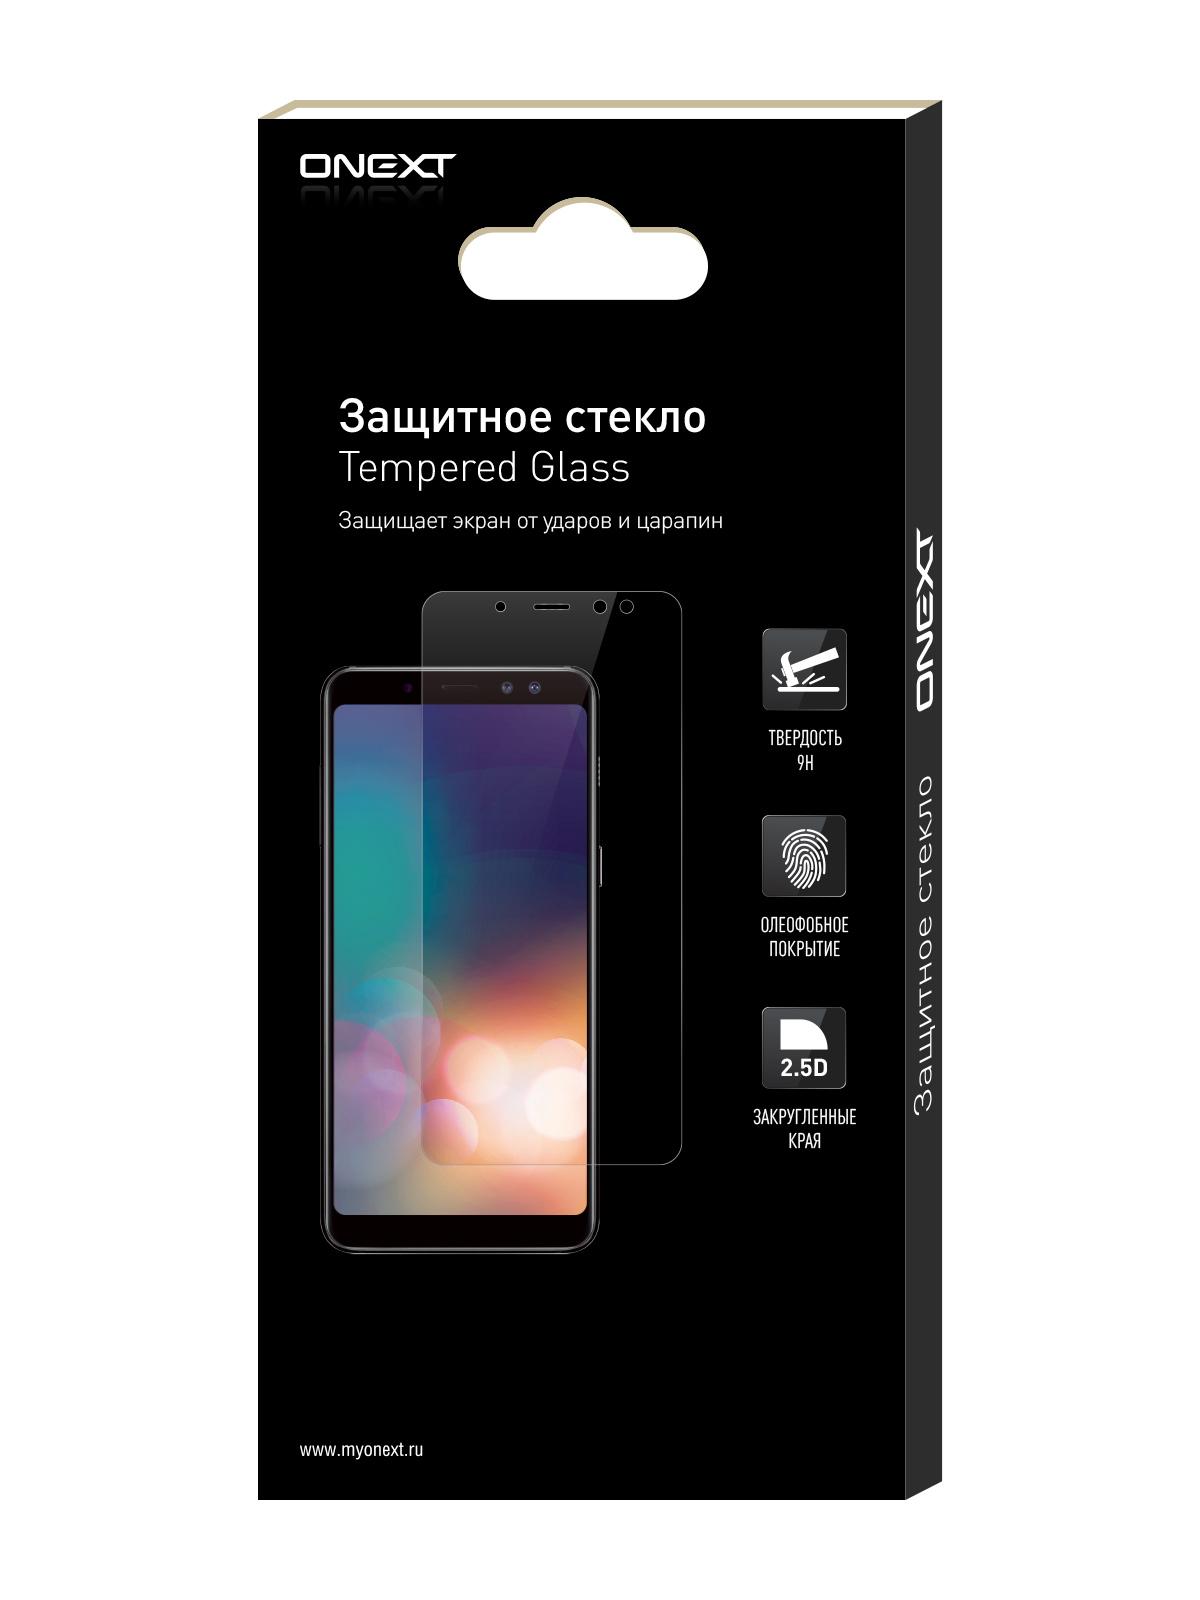 Защитное стекло ONEXT для Xiaomi Redmi Note 5A Prime/Redmi Note 5A